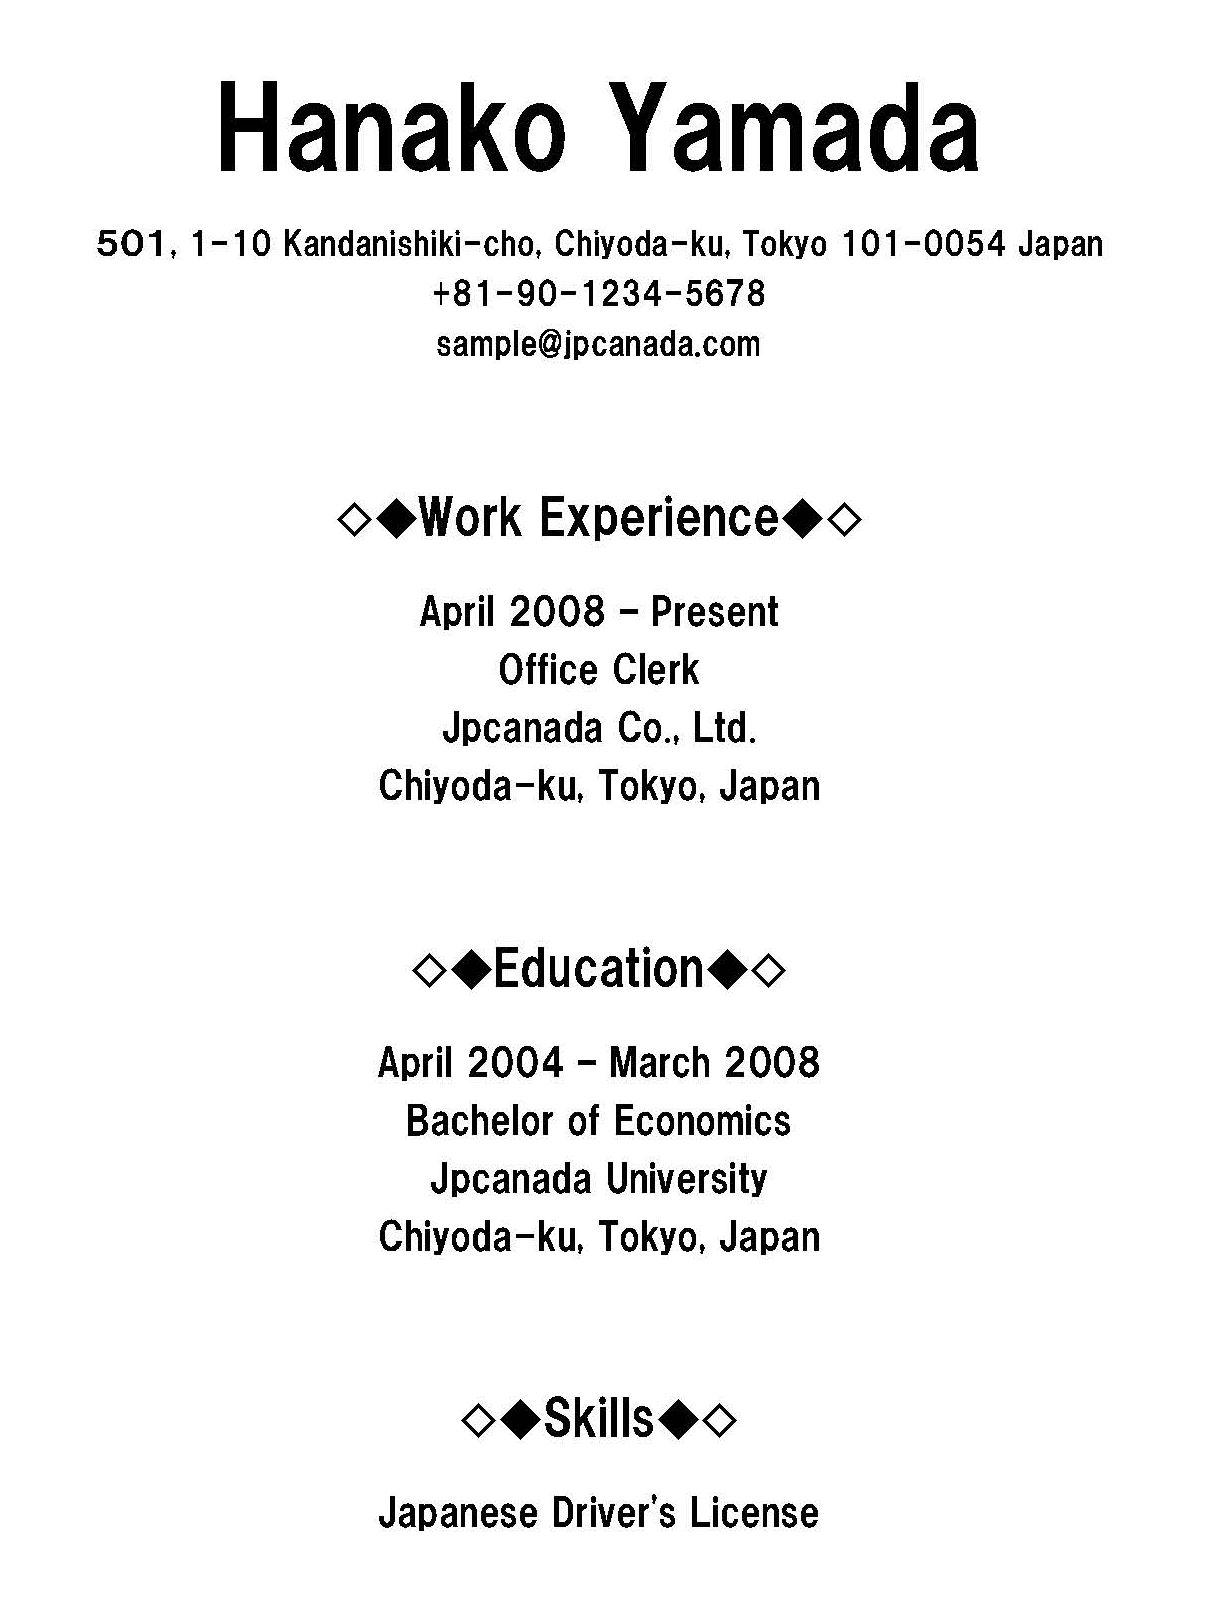 画像【9】(3)Resume